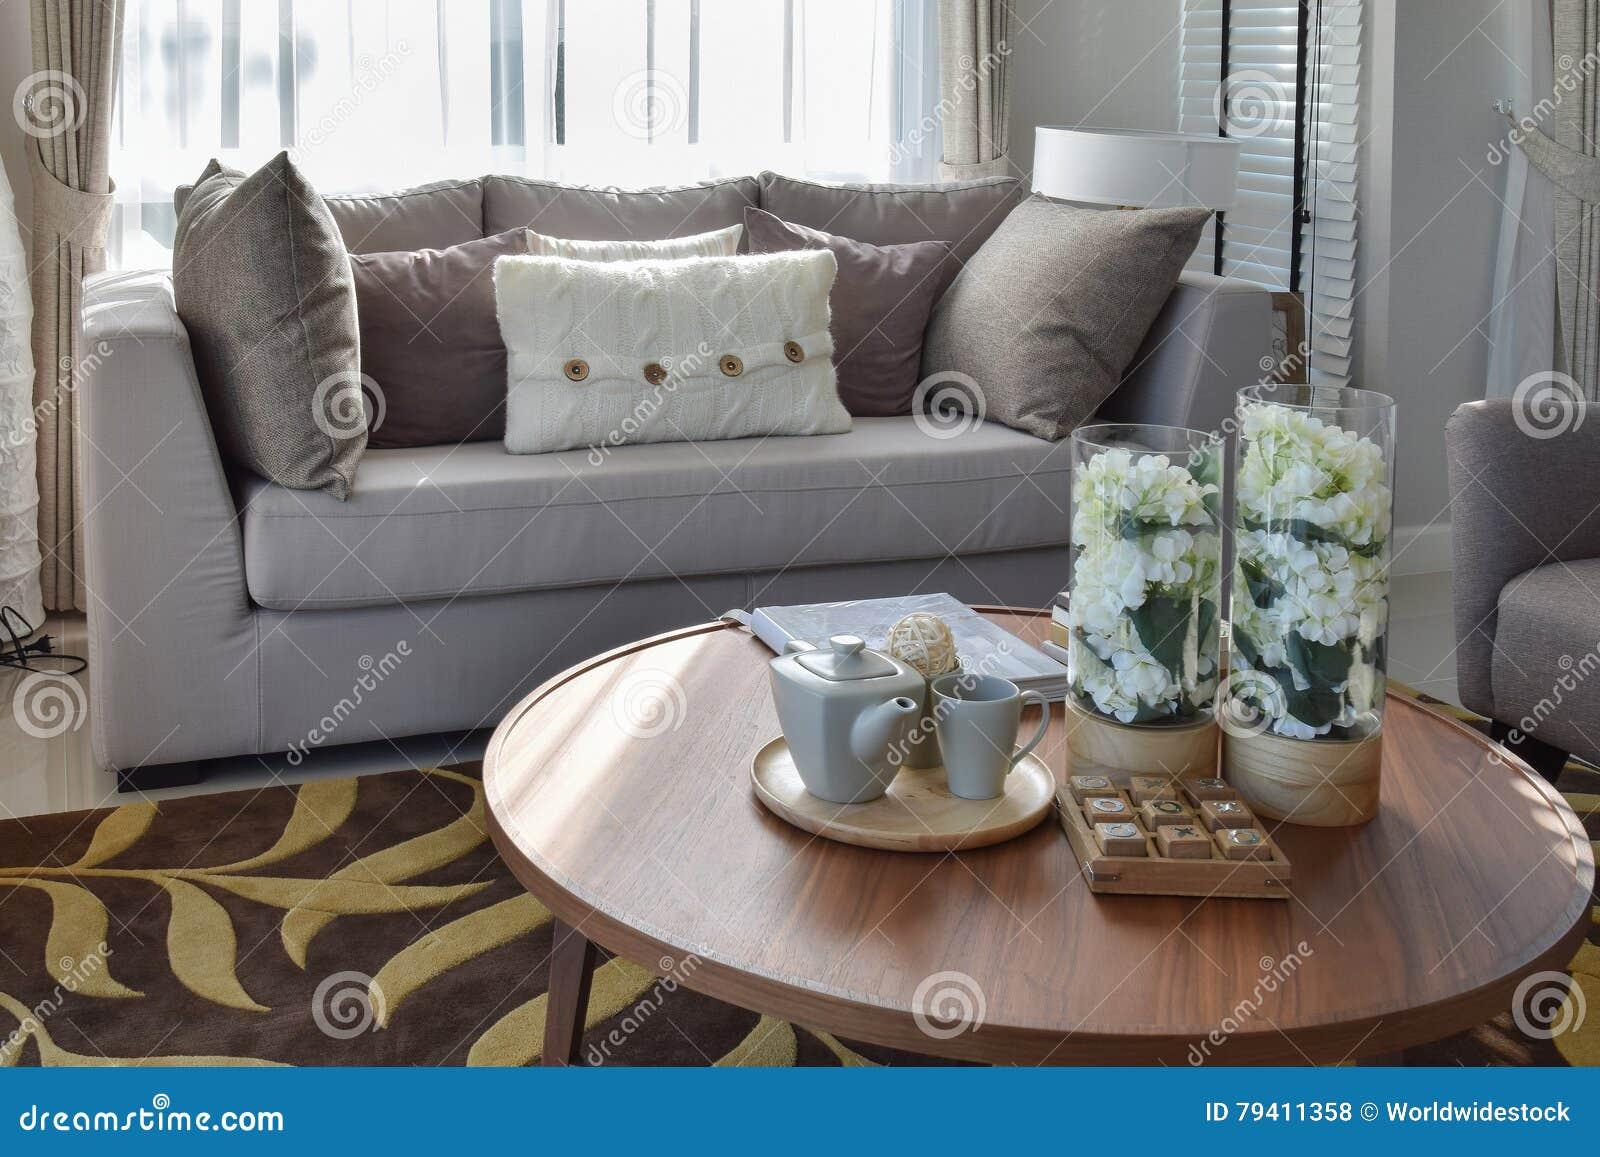 https://thumbs.dreamstime.com/z/decoratieve-theestel-en-glasvaas-op-houten-rondetafel-woonkamer-79411358.jpg